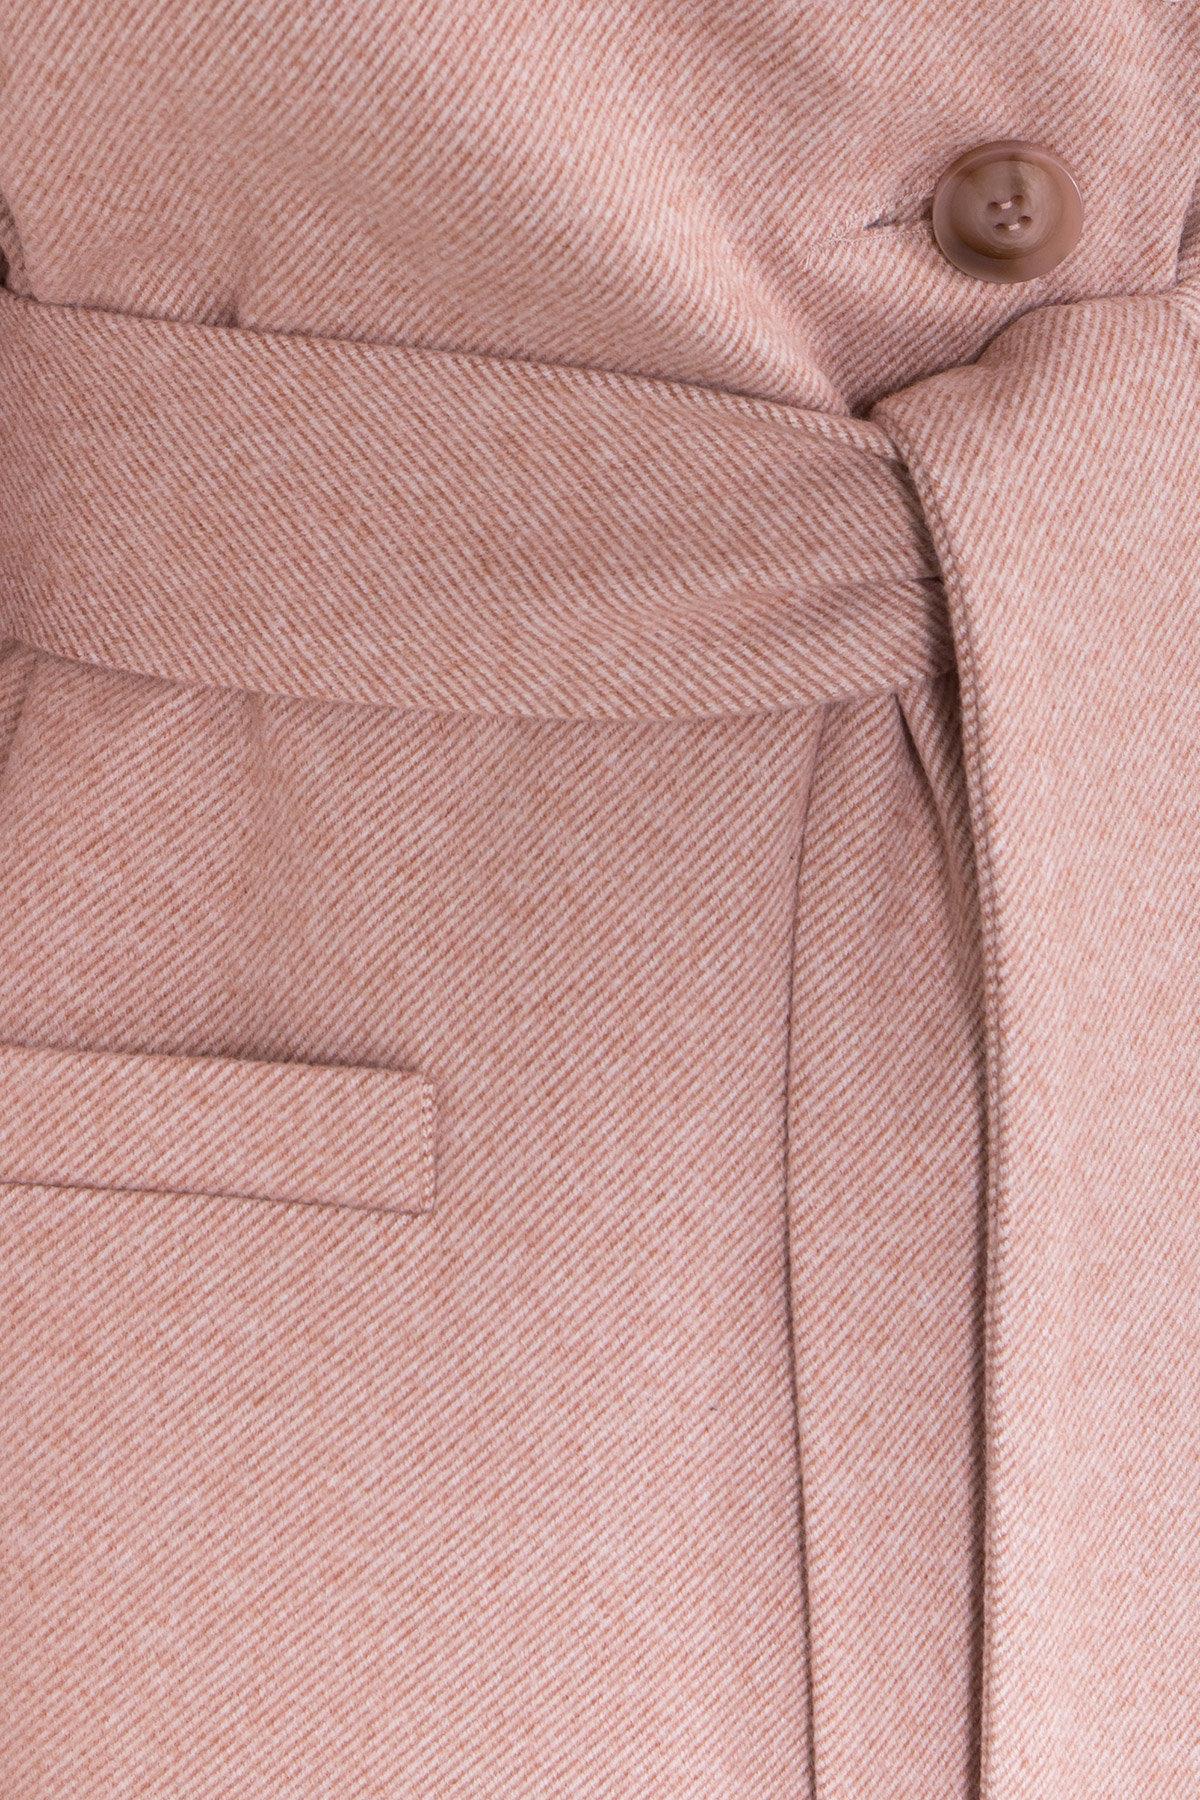 Зимнее утепленное пальто диагональ Вива 8243 АРТ. 44280 Цвет: Бежевый - фото 19, интернет магазин tm-modus.ru